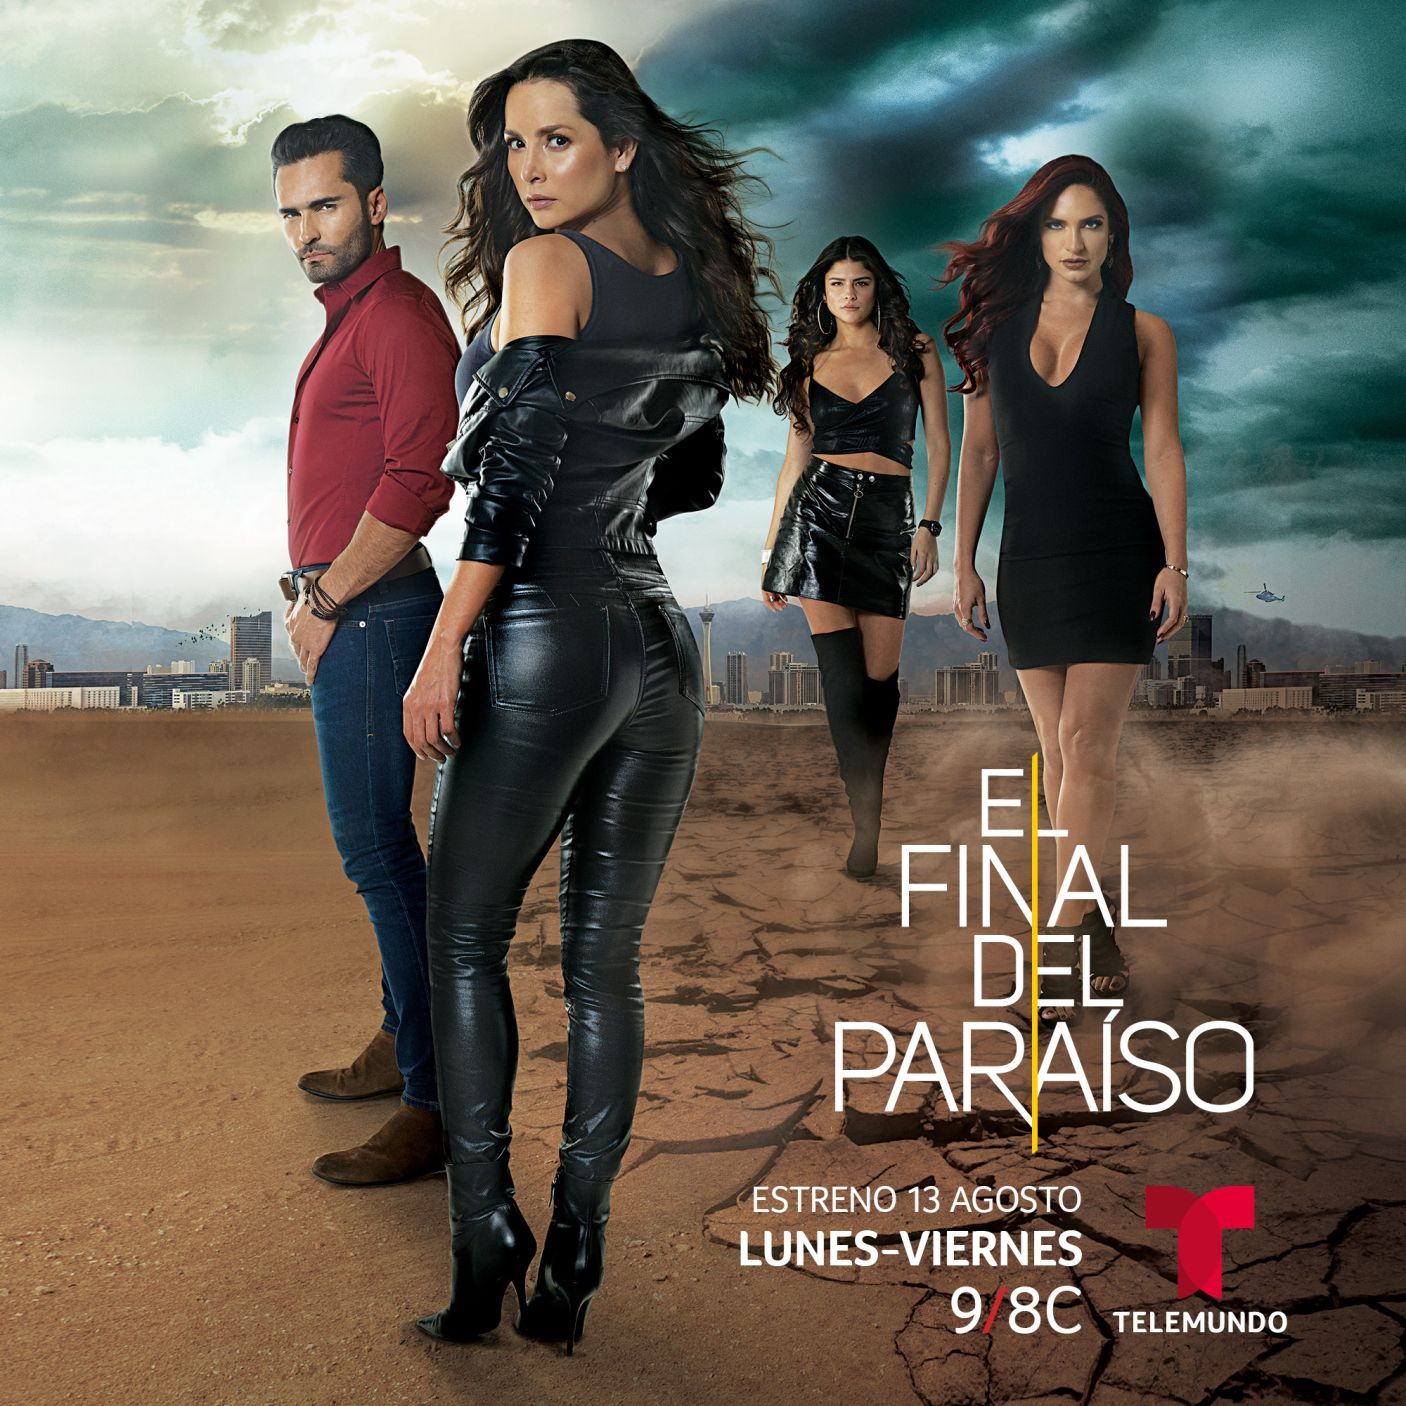 El Final Del Paraiso